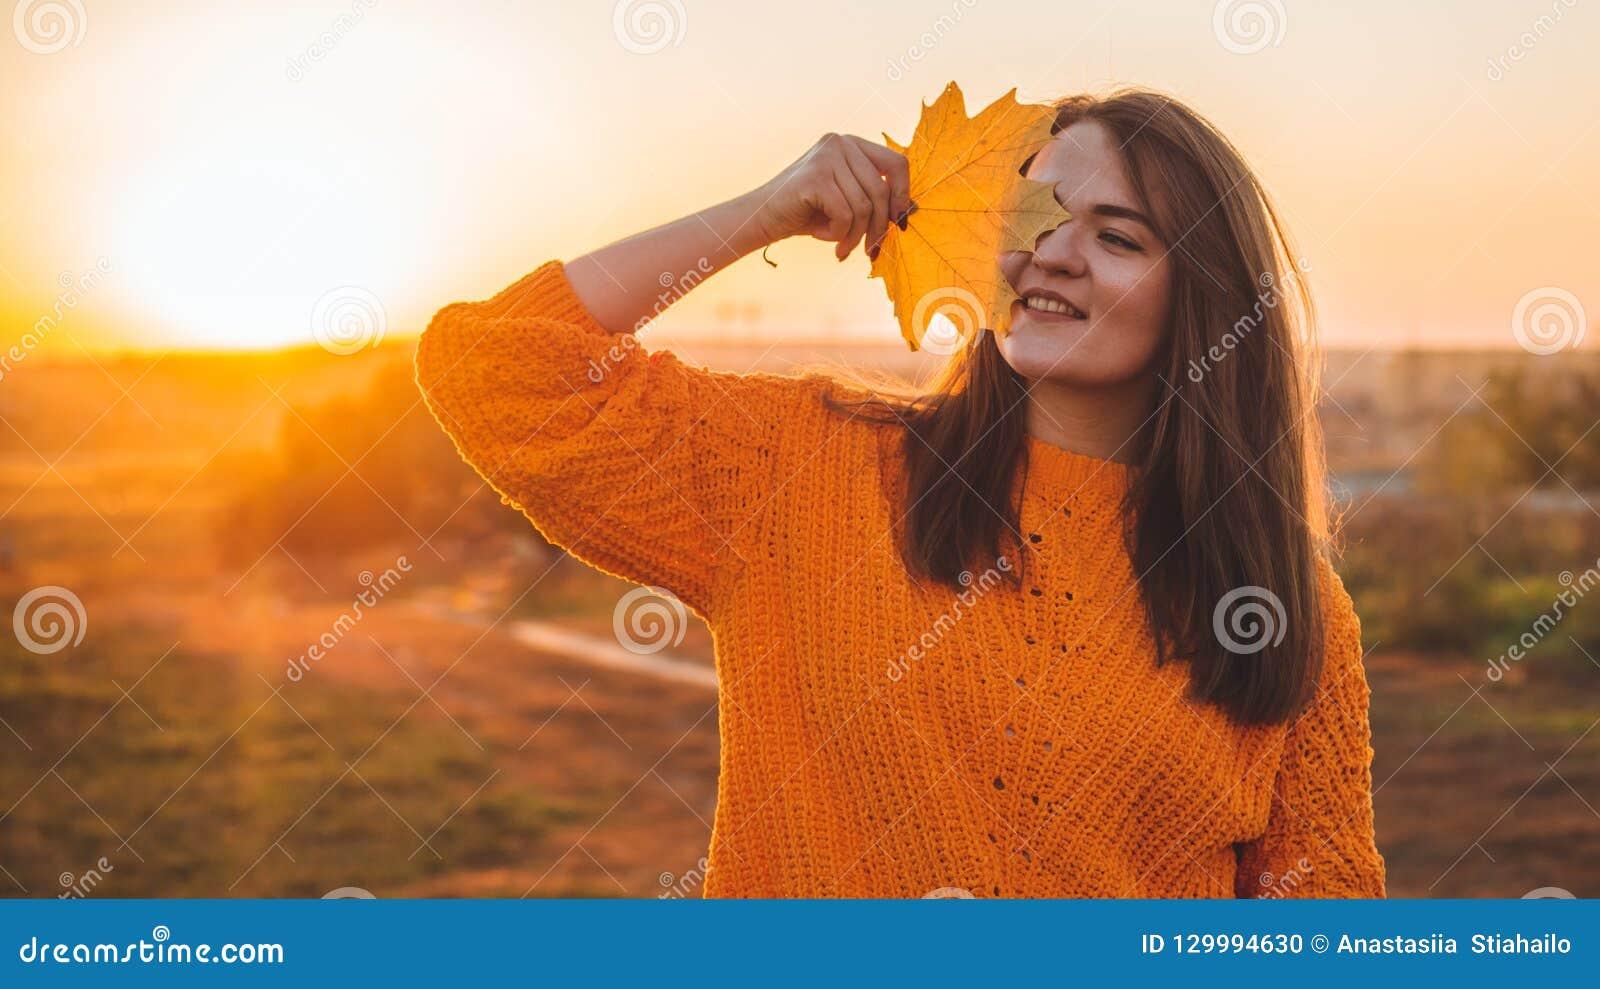 Junge Frau in einer orange Strickjacke mit mit gelben Blättern, Porträt im Freien im weichen sonnigen Tageslicht Herbst Sonnenunt